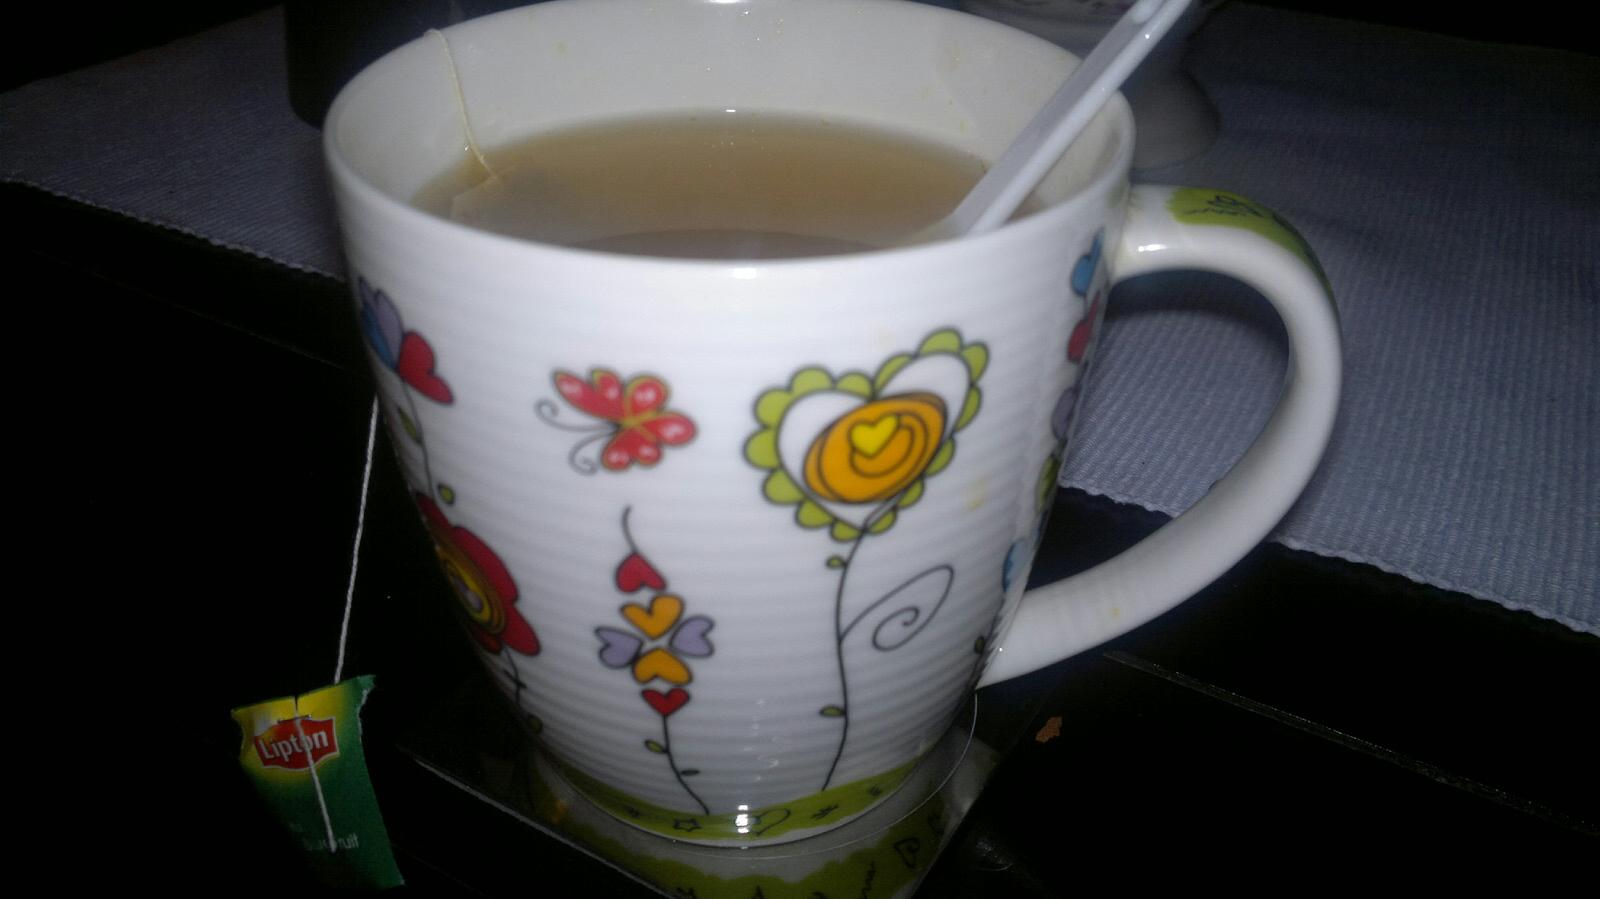 blogg om slanking Grønn kaffe ekstrakt piller